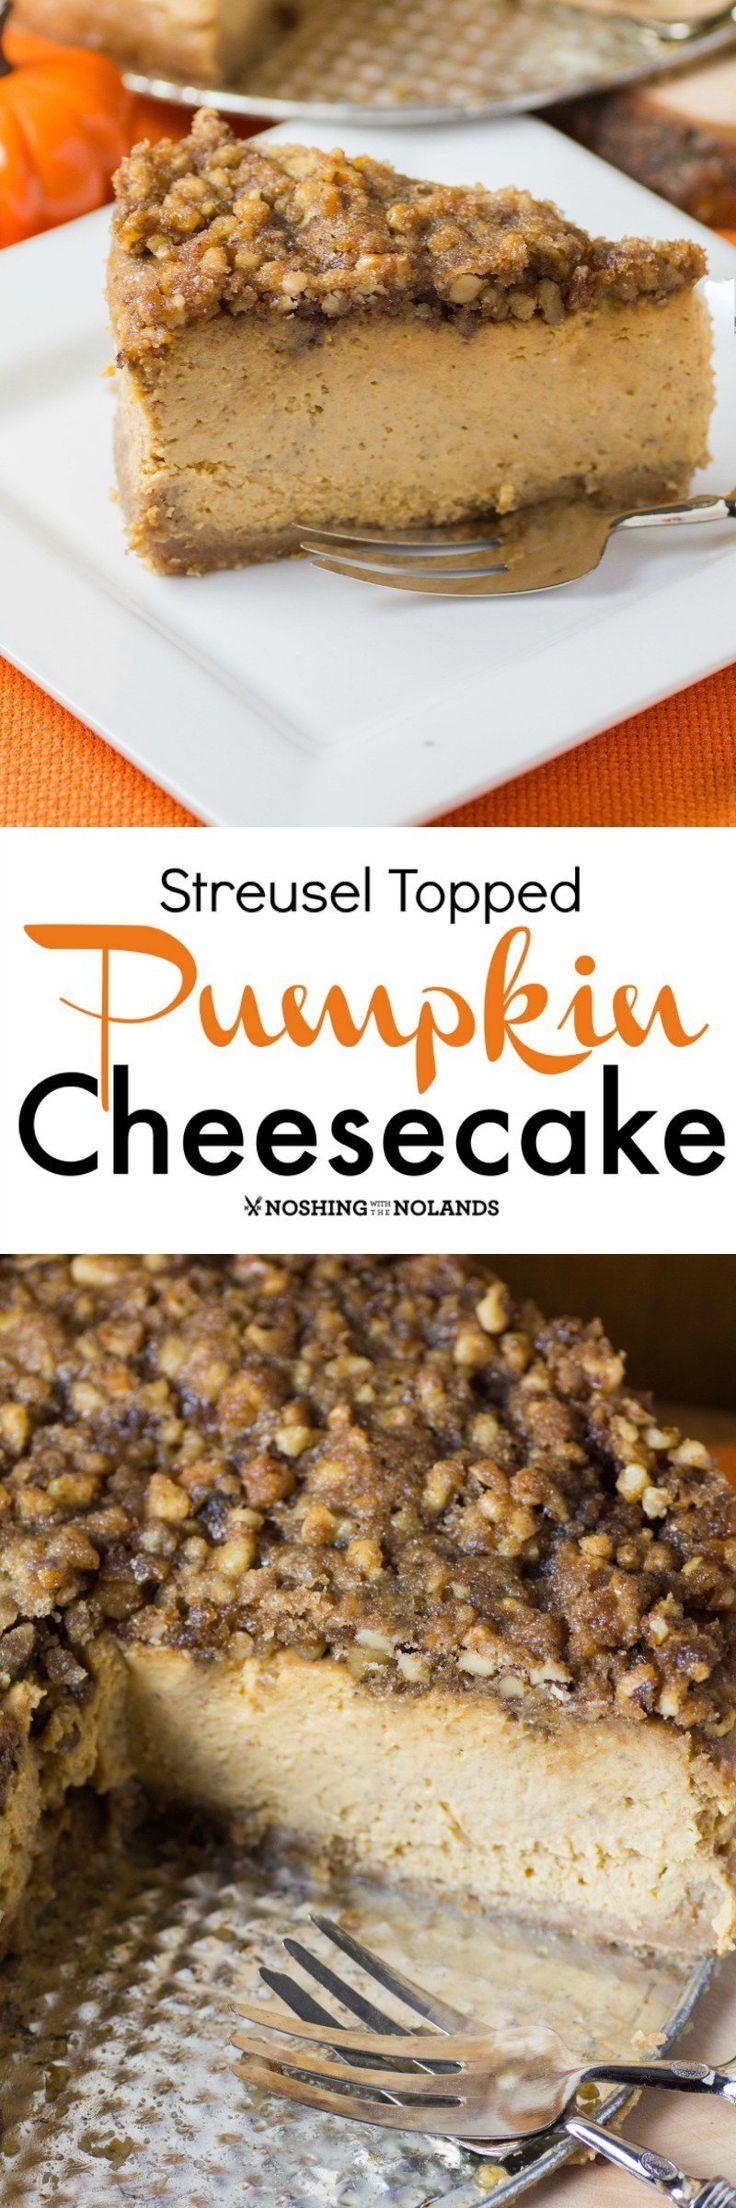 Best 25+ Pumpkin varieties ideas on Pinterest | Pumpkin growing ...